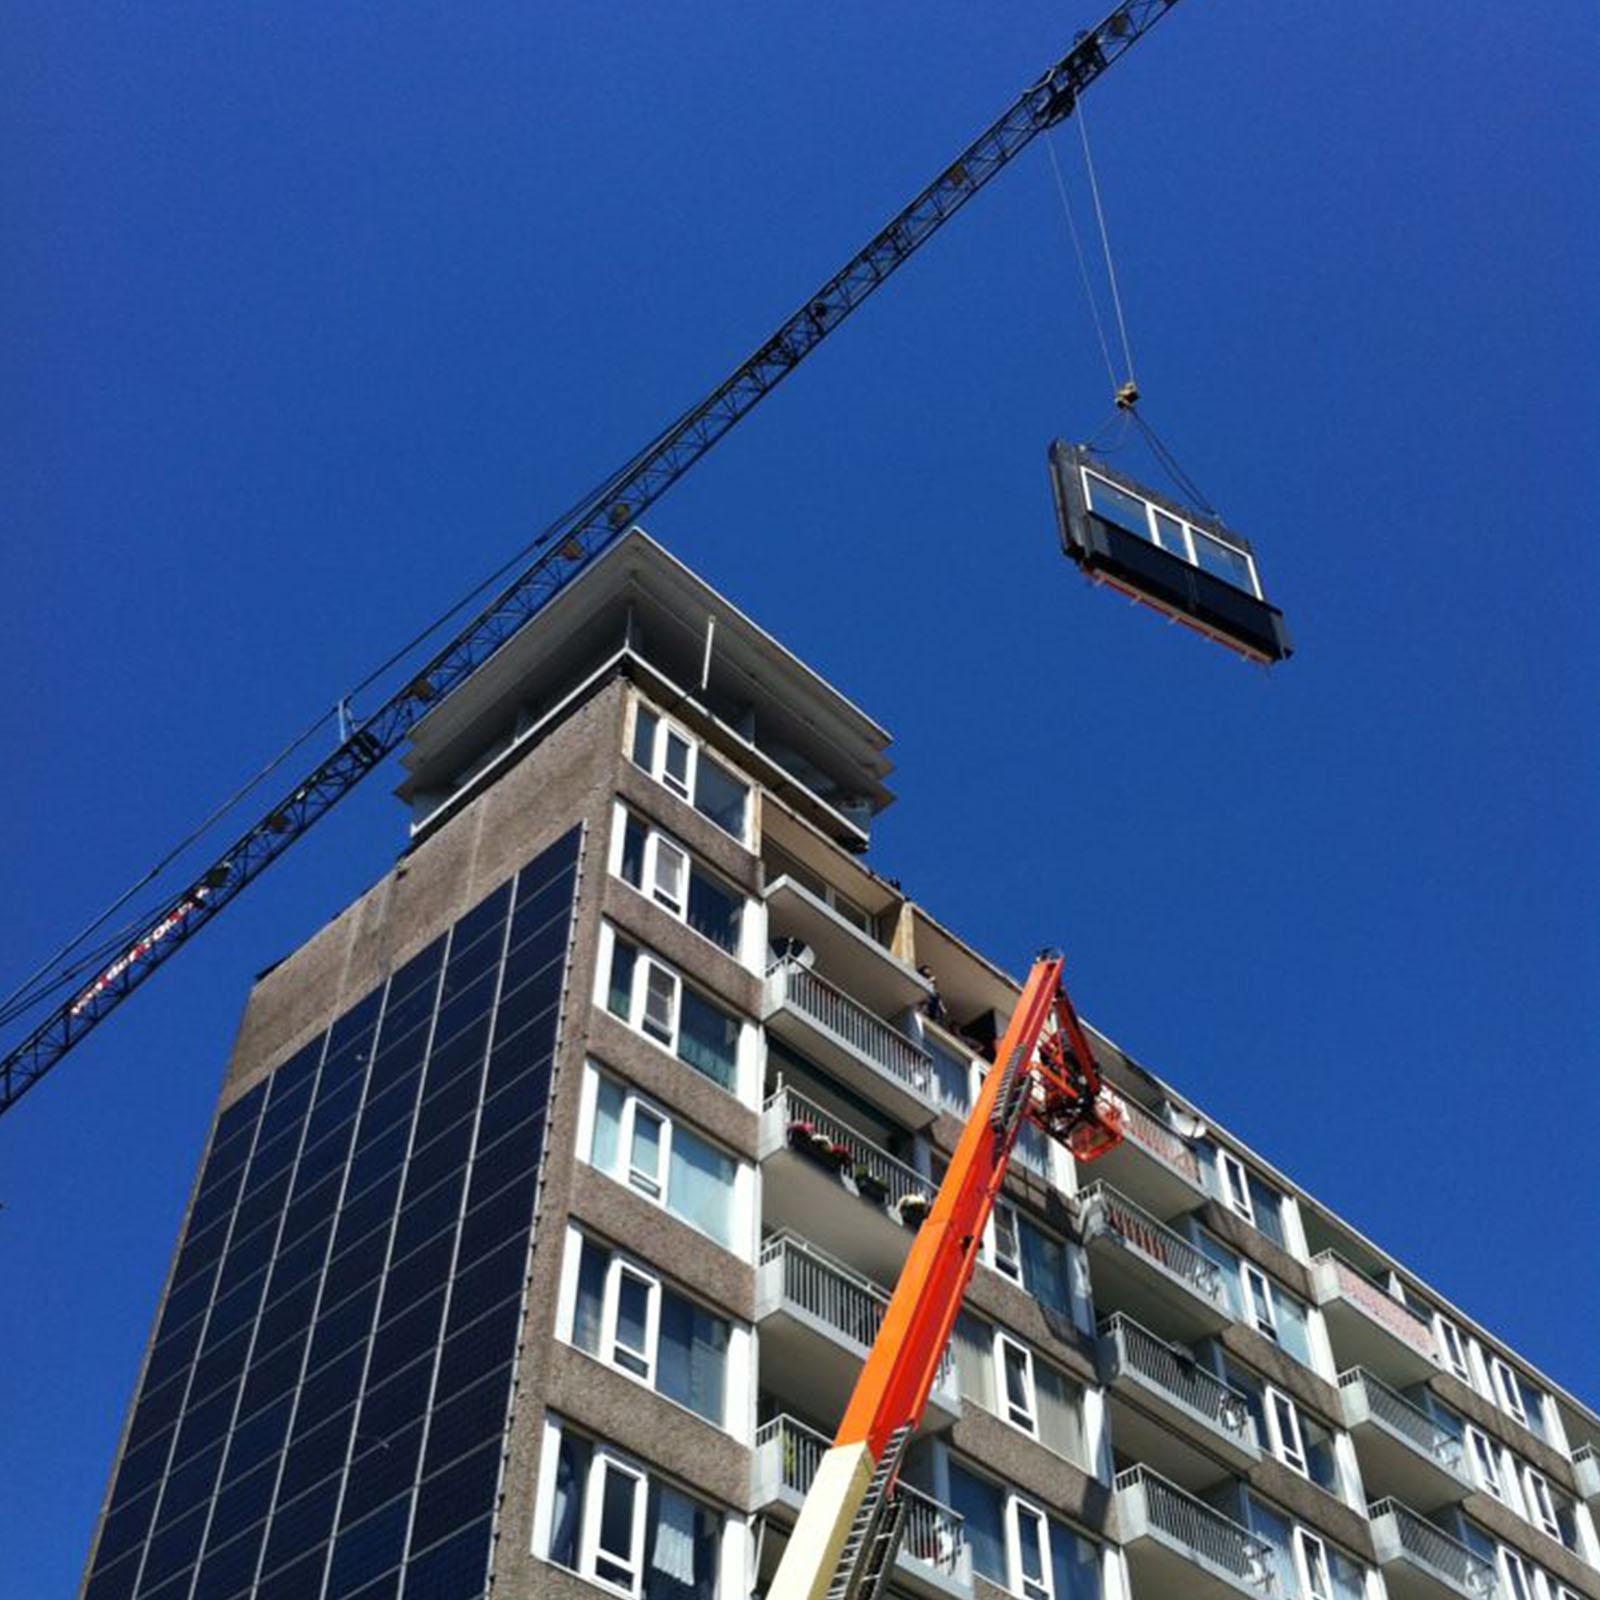 Proefwoning van het project Inside-Out in Utrecht. In deze huurwoning van woningcorporatie Bo-Ex zijn veel energiebesparende maatregelen toegepast.